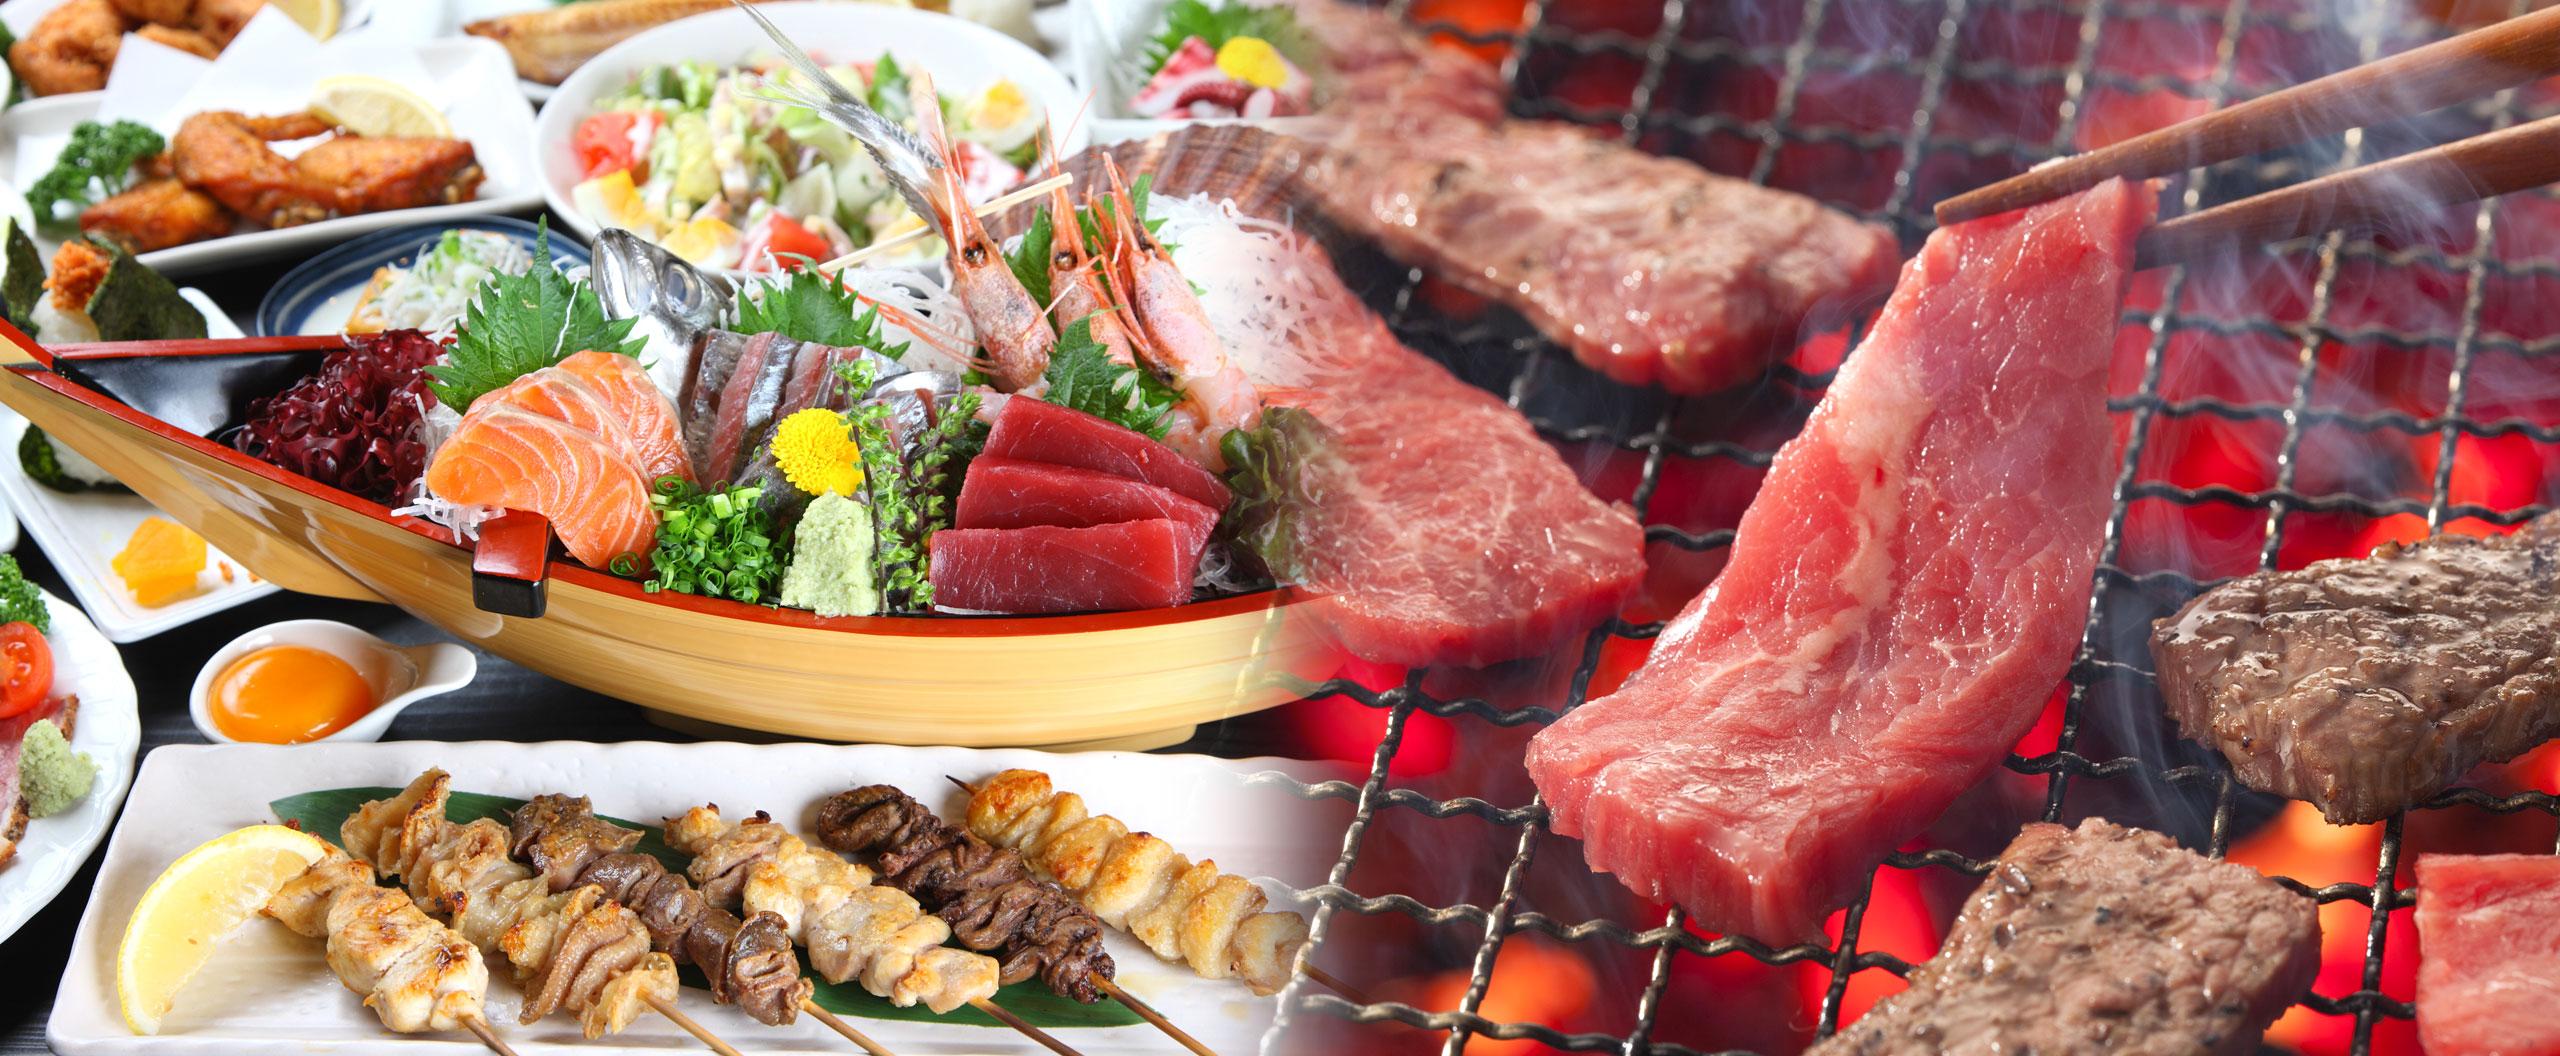 饗酒堂有限会社は東京都板橋区を中心に、海鮮、焼鳥・串焼き、焼肉・ホルモン、水炊き・もつ鍋など多彩な業態の飲食店・居酒屋を展開している飲食企業です。会社概要、店舗紹介、採用情報など。